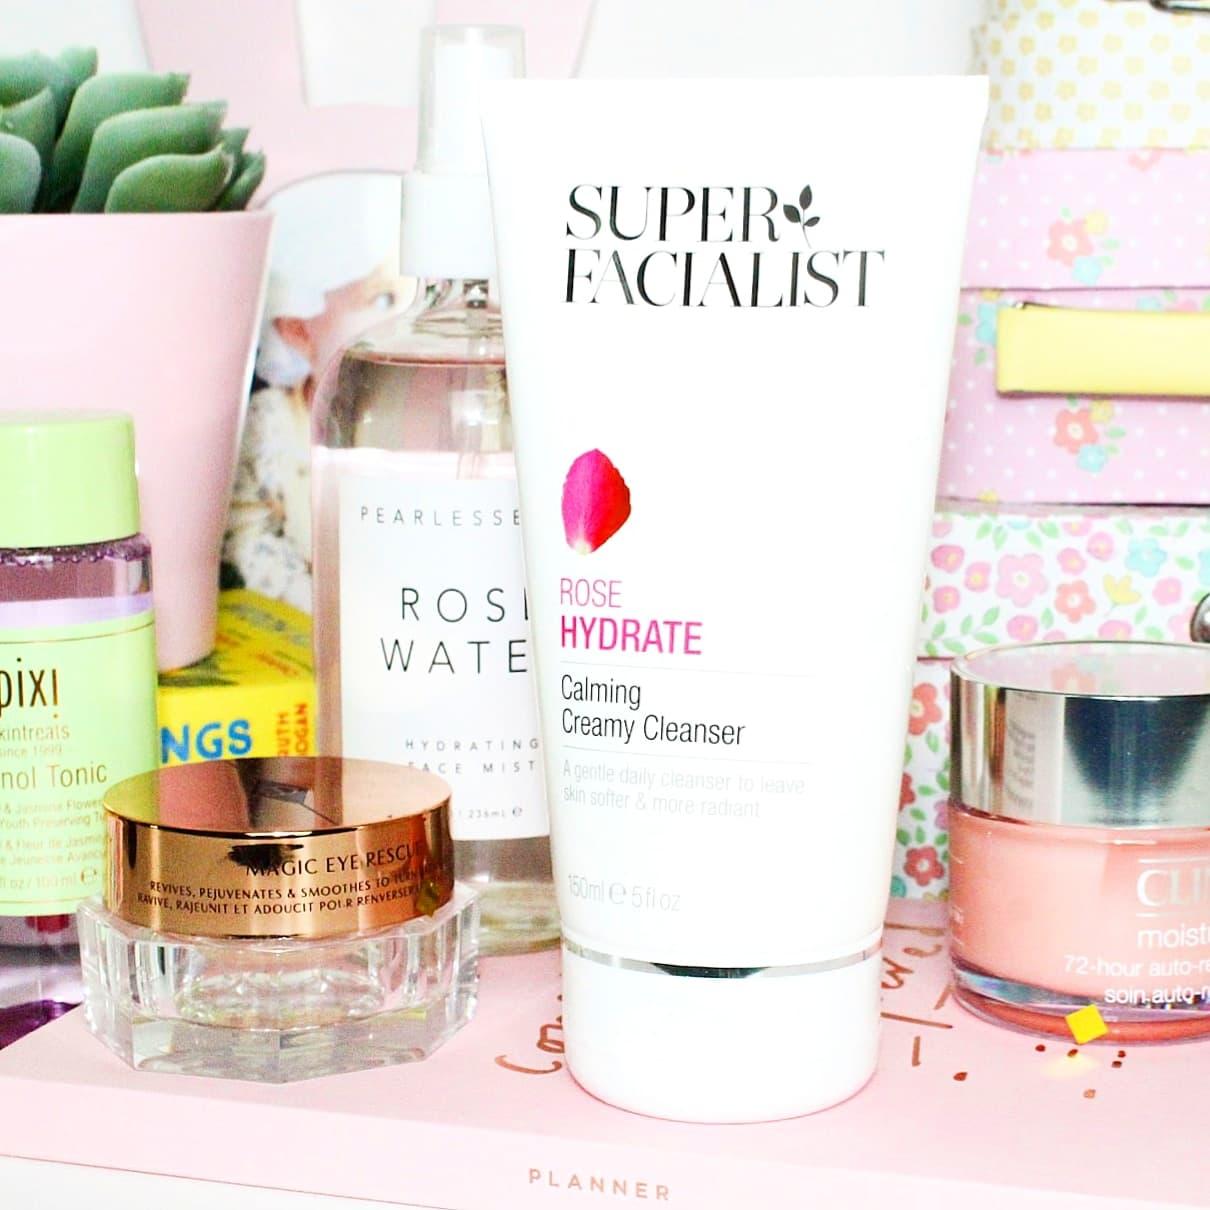 Super Facialist Rose Hydrate Calming Creamy Cleanser